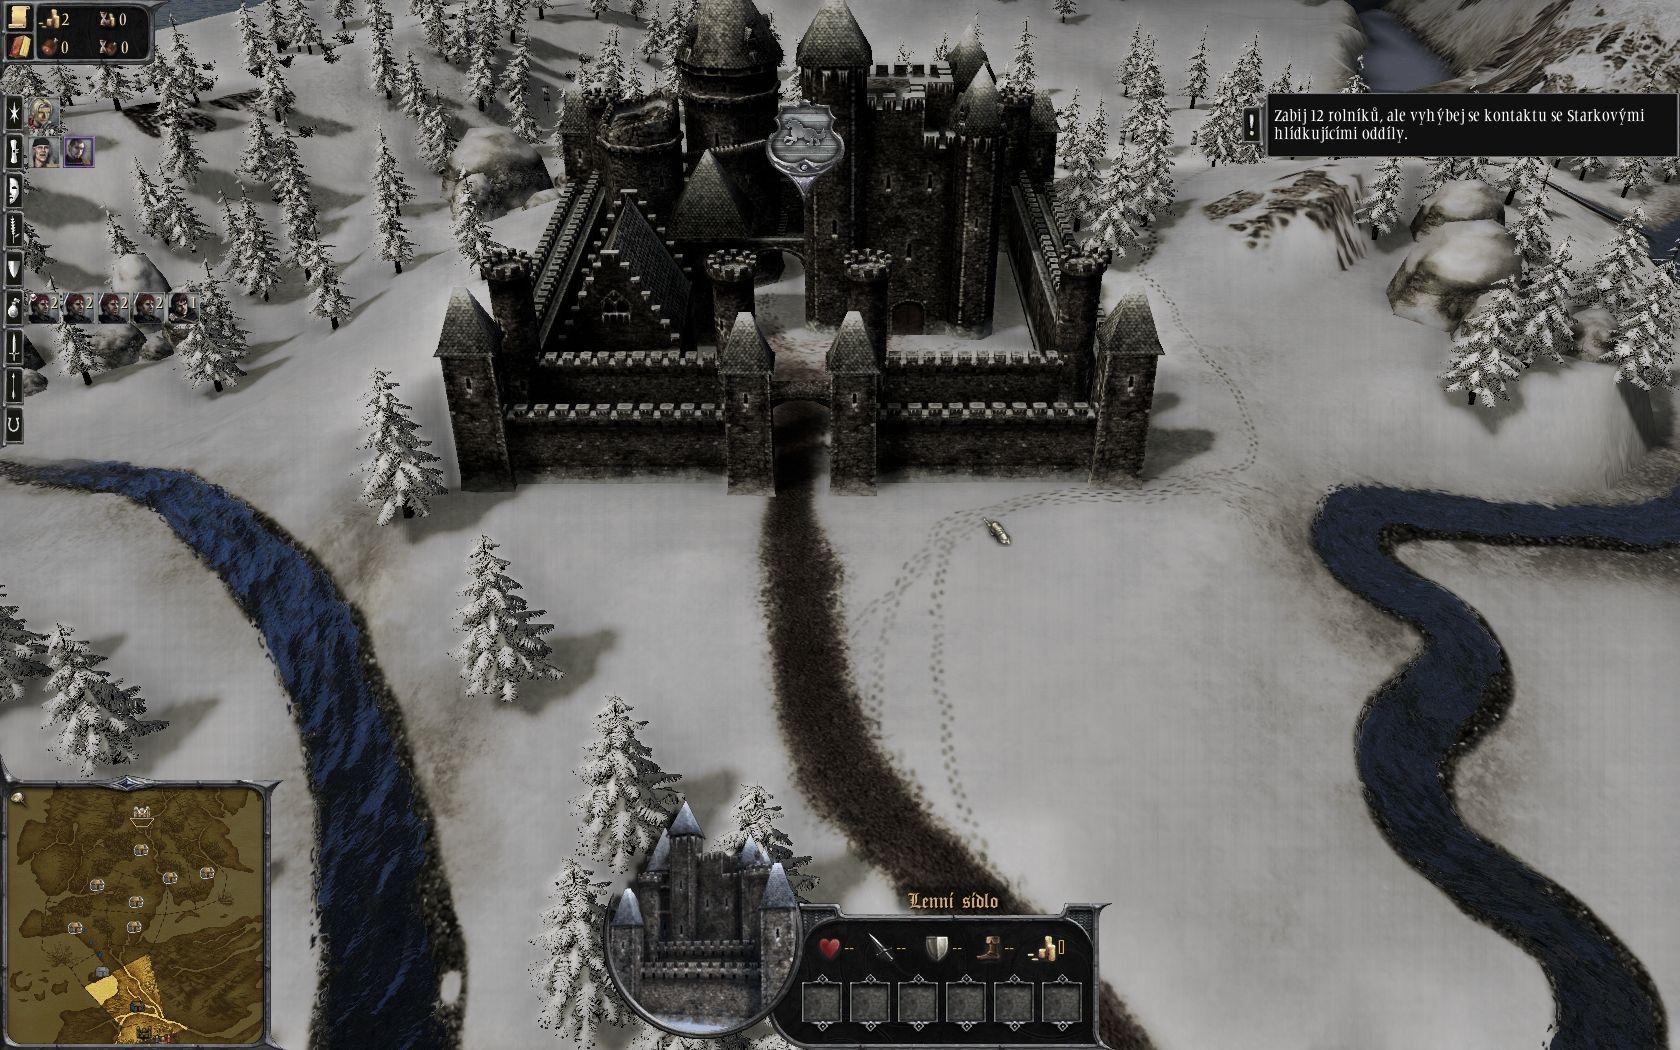 Hra o trůny: Zrození – buď vyhraješ, nebo zemřeš 53121